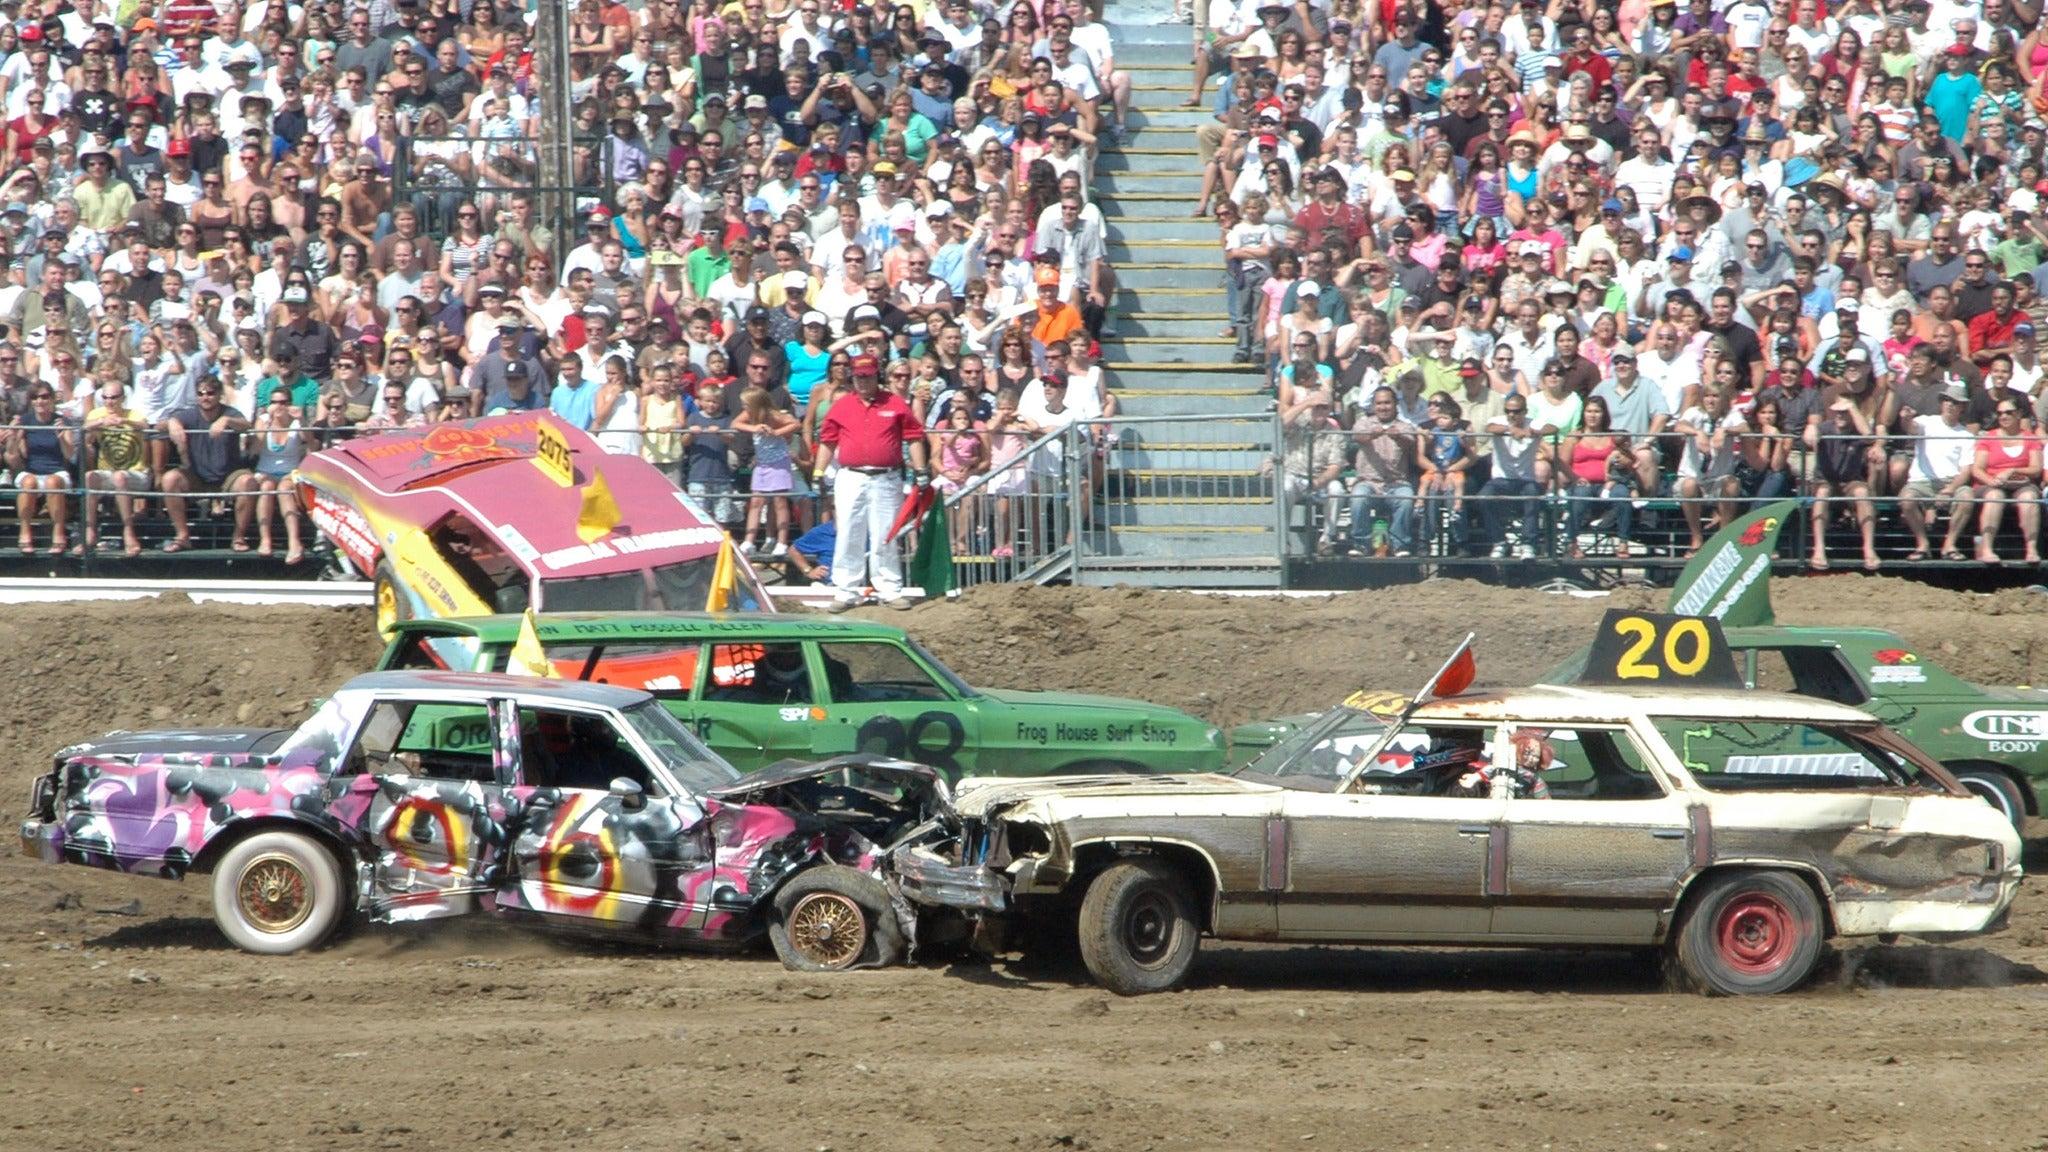 Orange Crush Demolition Derby